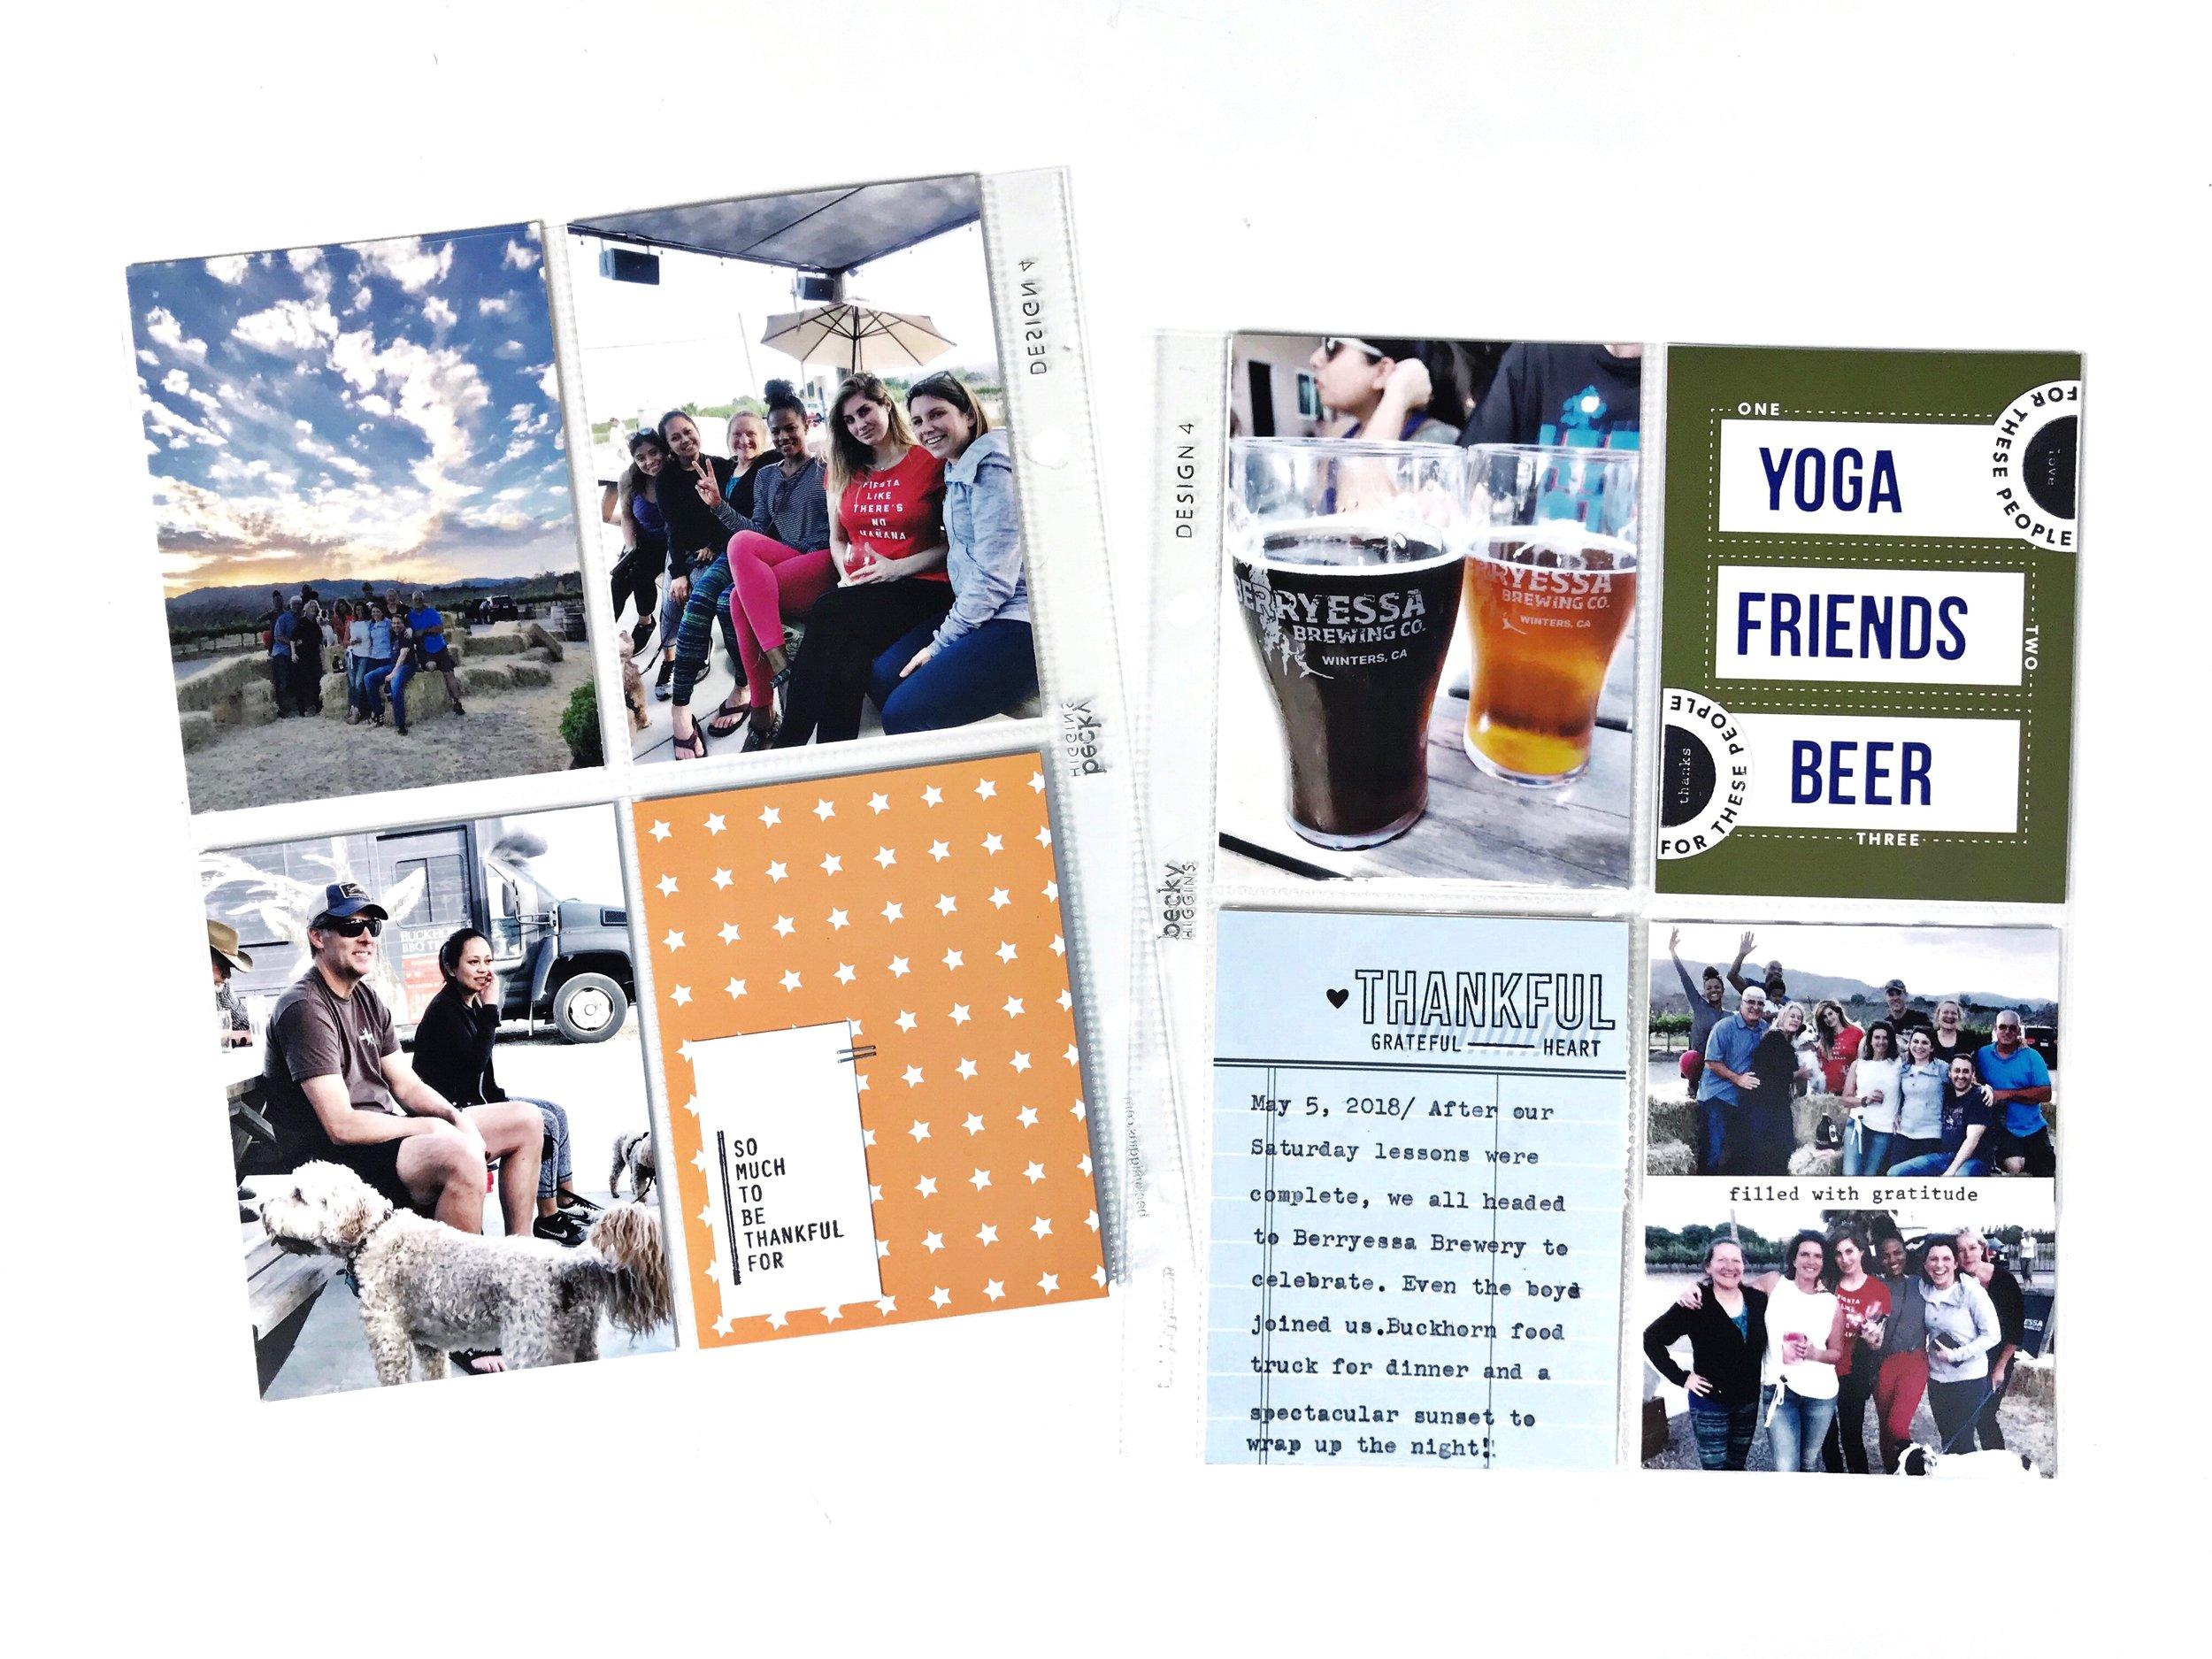 Yoga Friends Beer-4.jpg